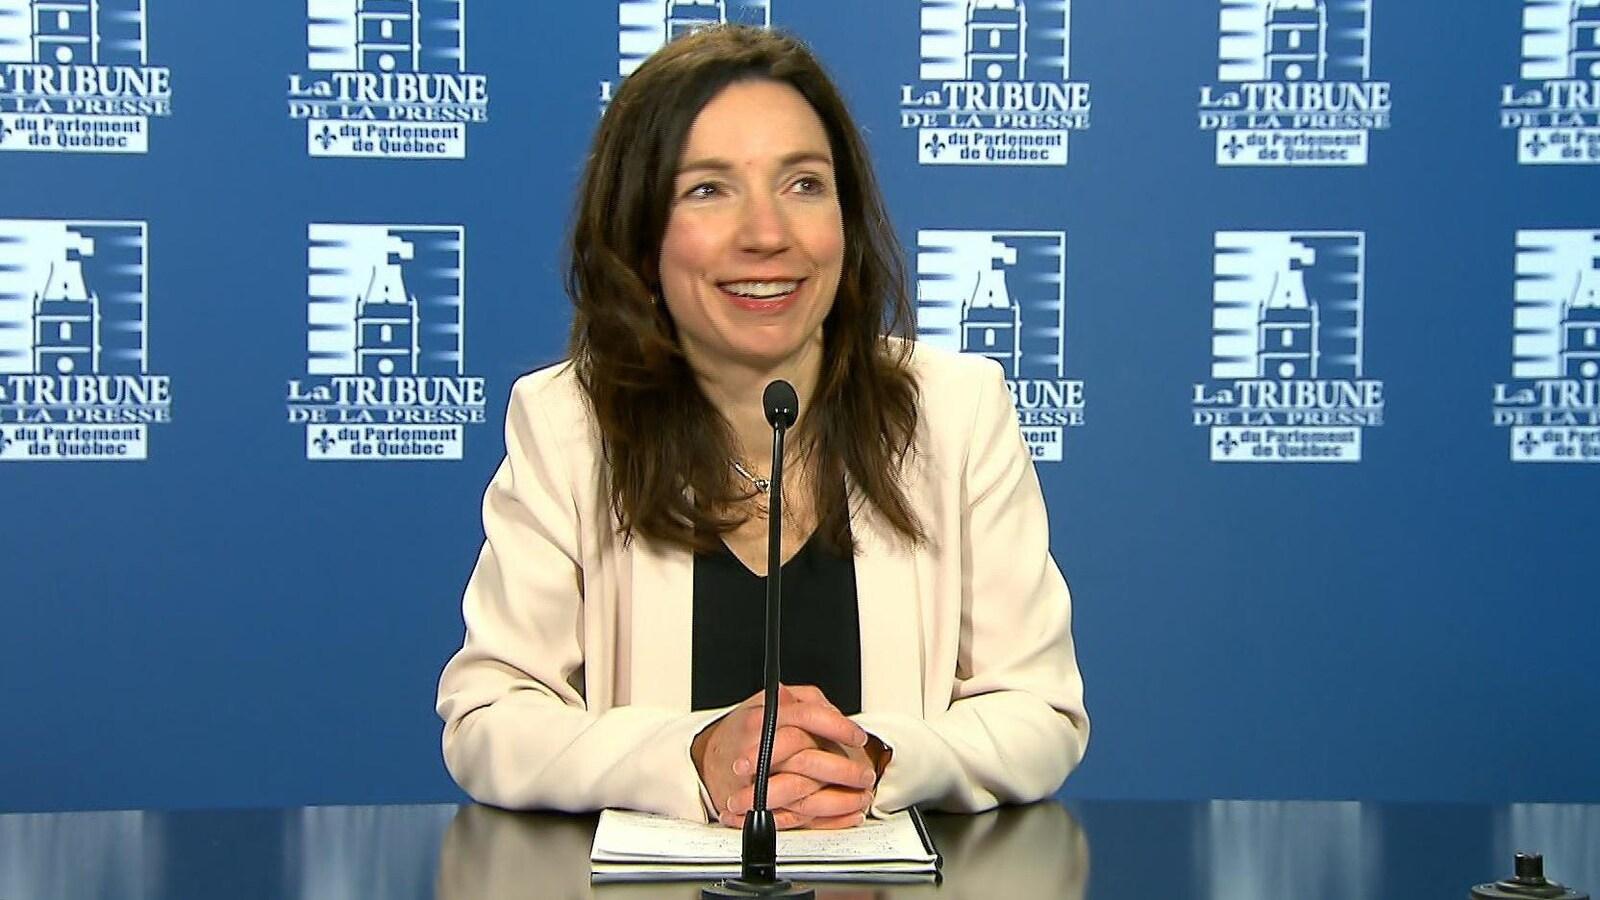 Martine Ouellet, au mois de mars 2017, quelques heures avant de devenir la nouvelle chef du Bloc québécois.